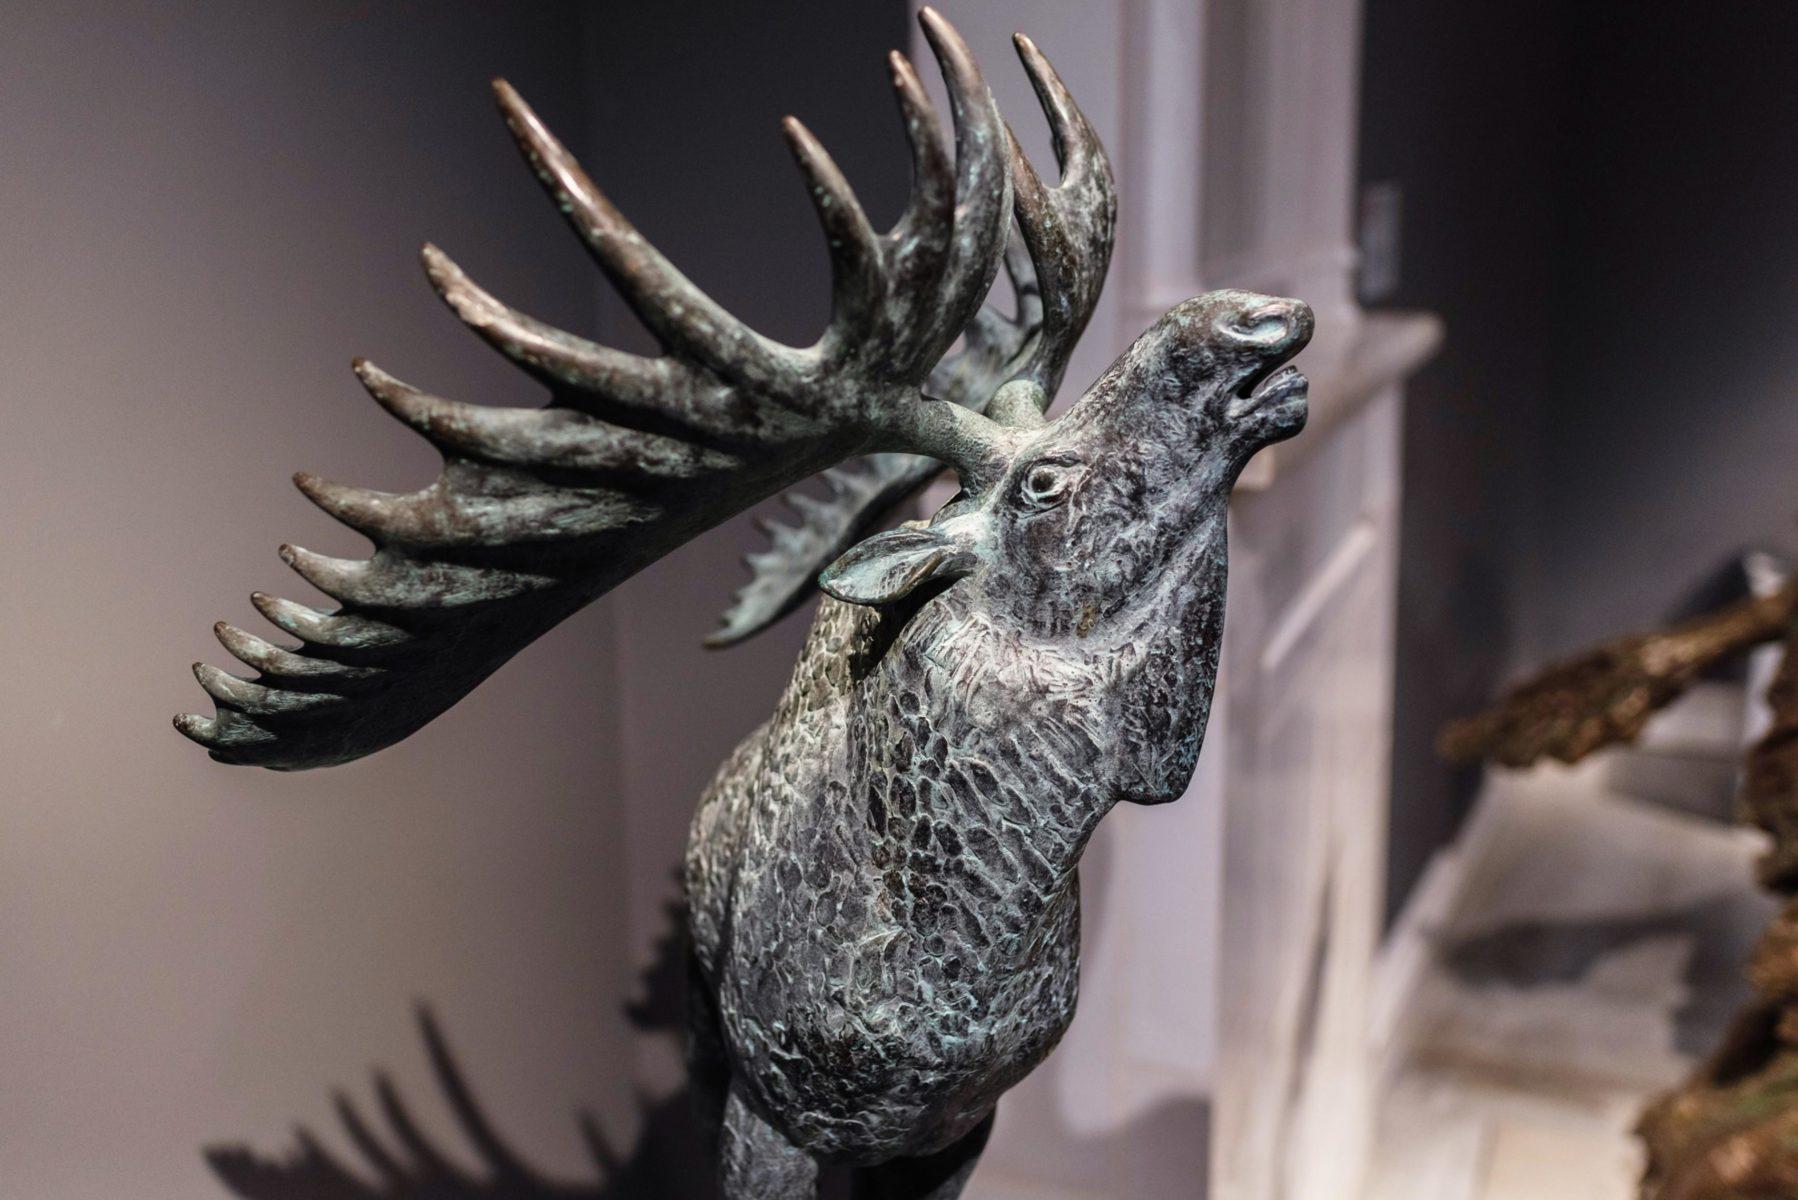 Экскурсия по выставке «Анималия. Трогательная выставка» в галерее «РОСИЗО» – события на сайте «Московские Сезоны»